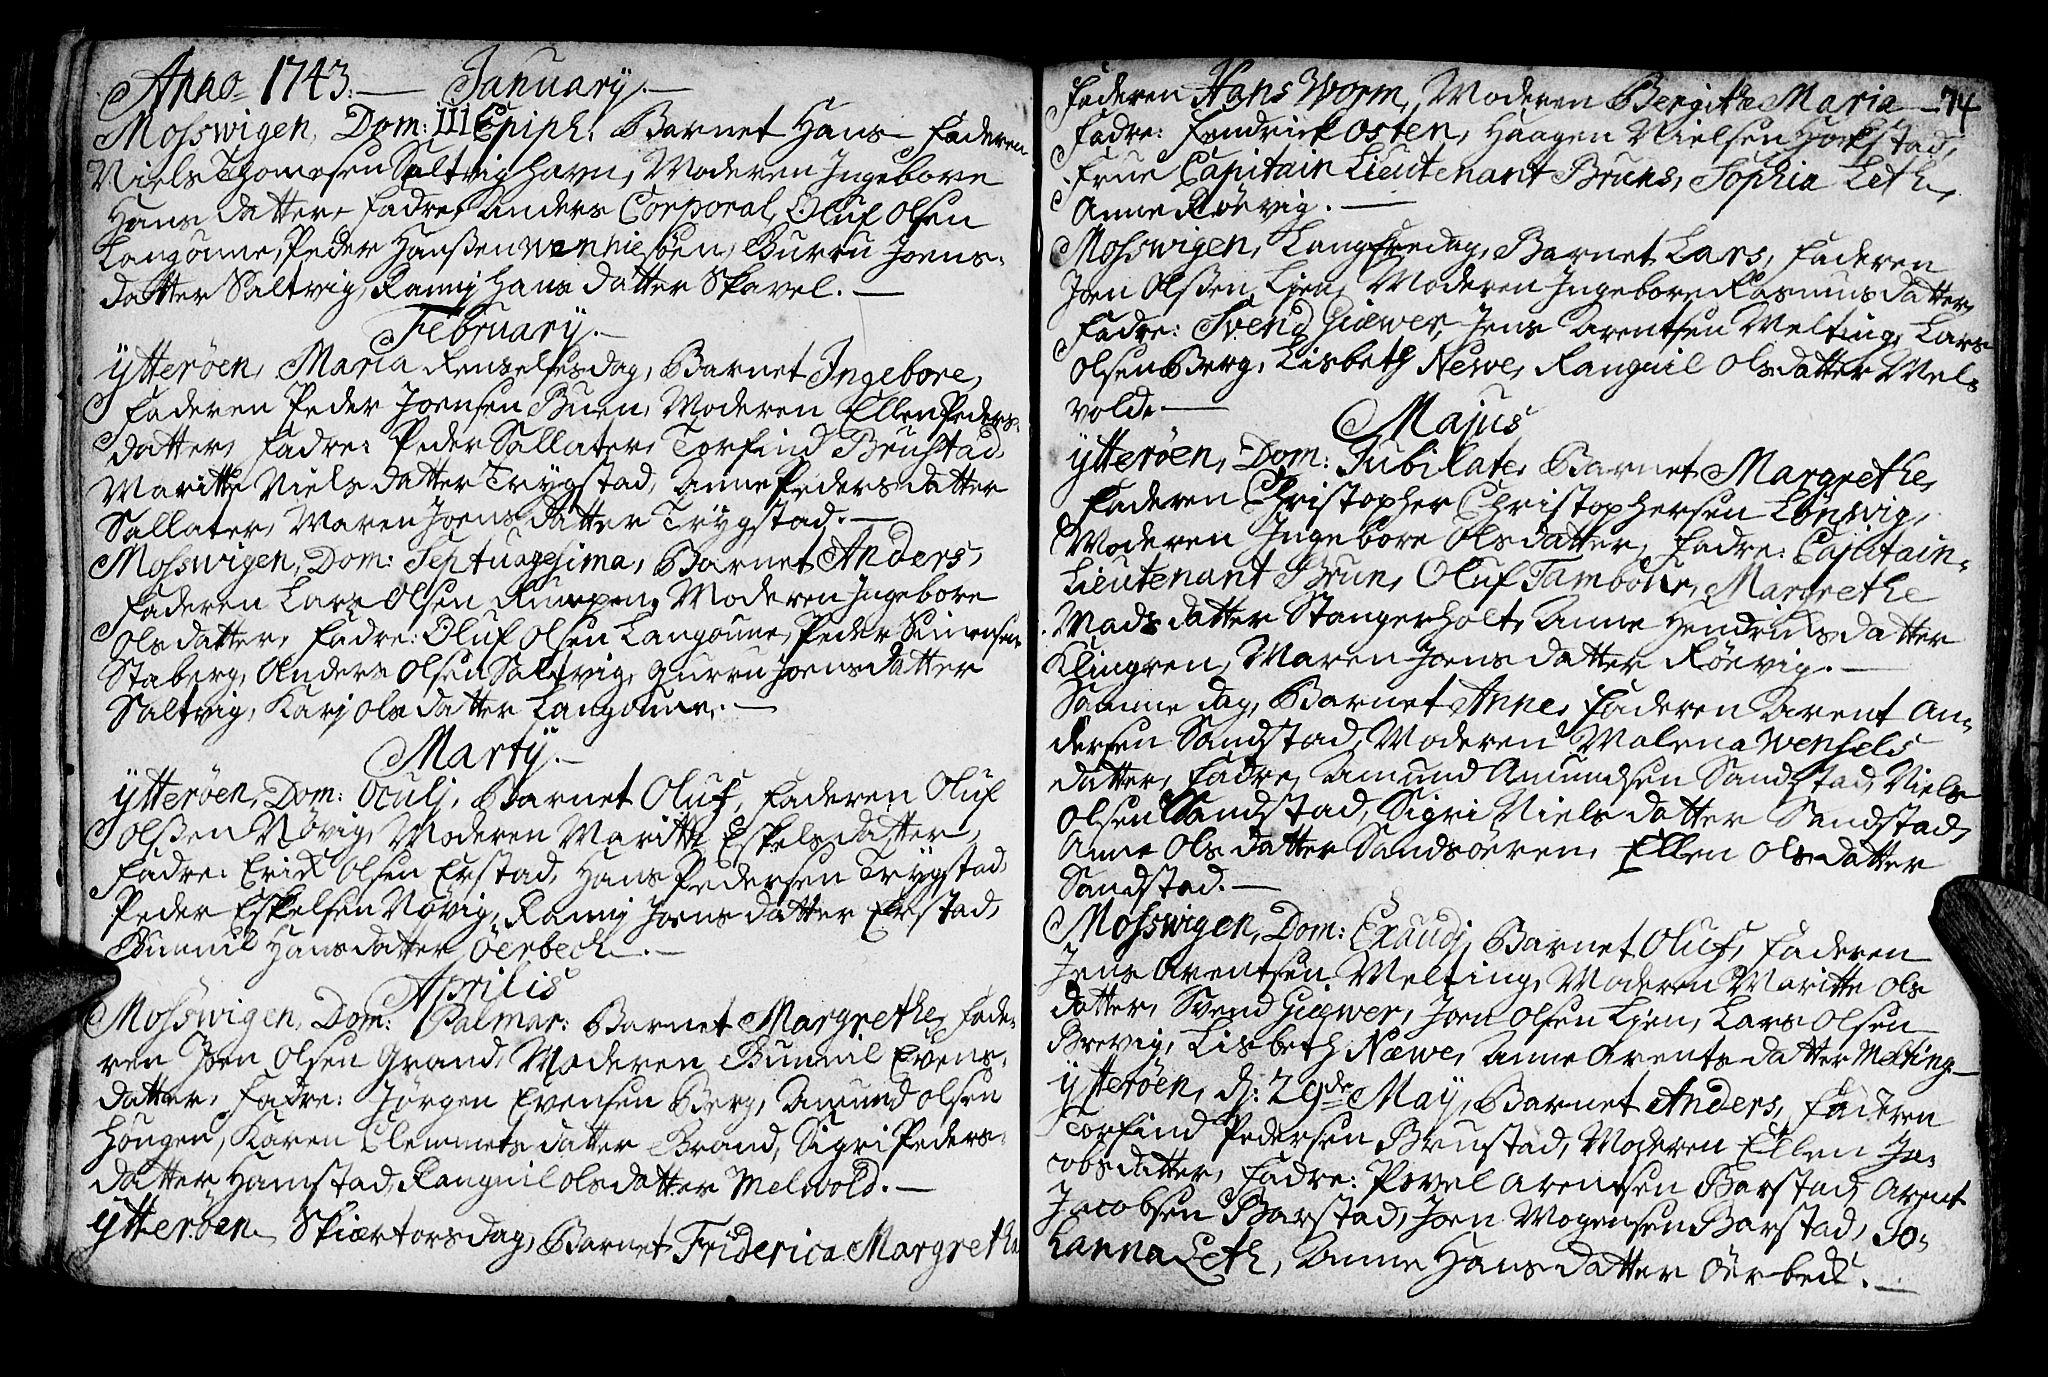 SAT, Ministerialprotokoller, klokkerbøker og fødselsregistre - Nord-Trøndelag, 722/L0215: Ministerialbok nr. 722A02, 1718-1755, s. 74